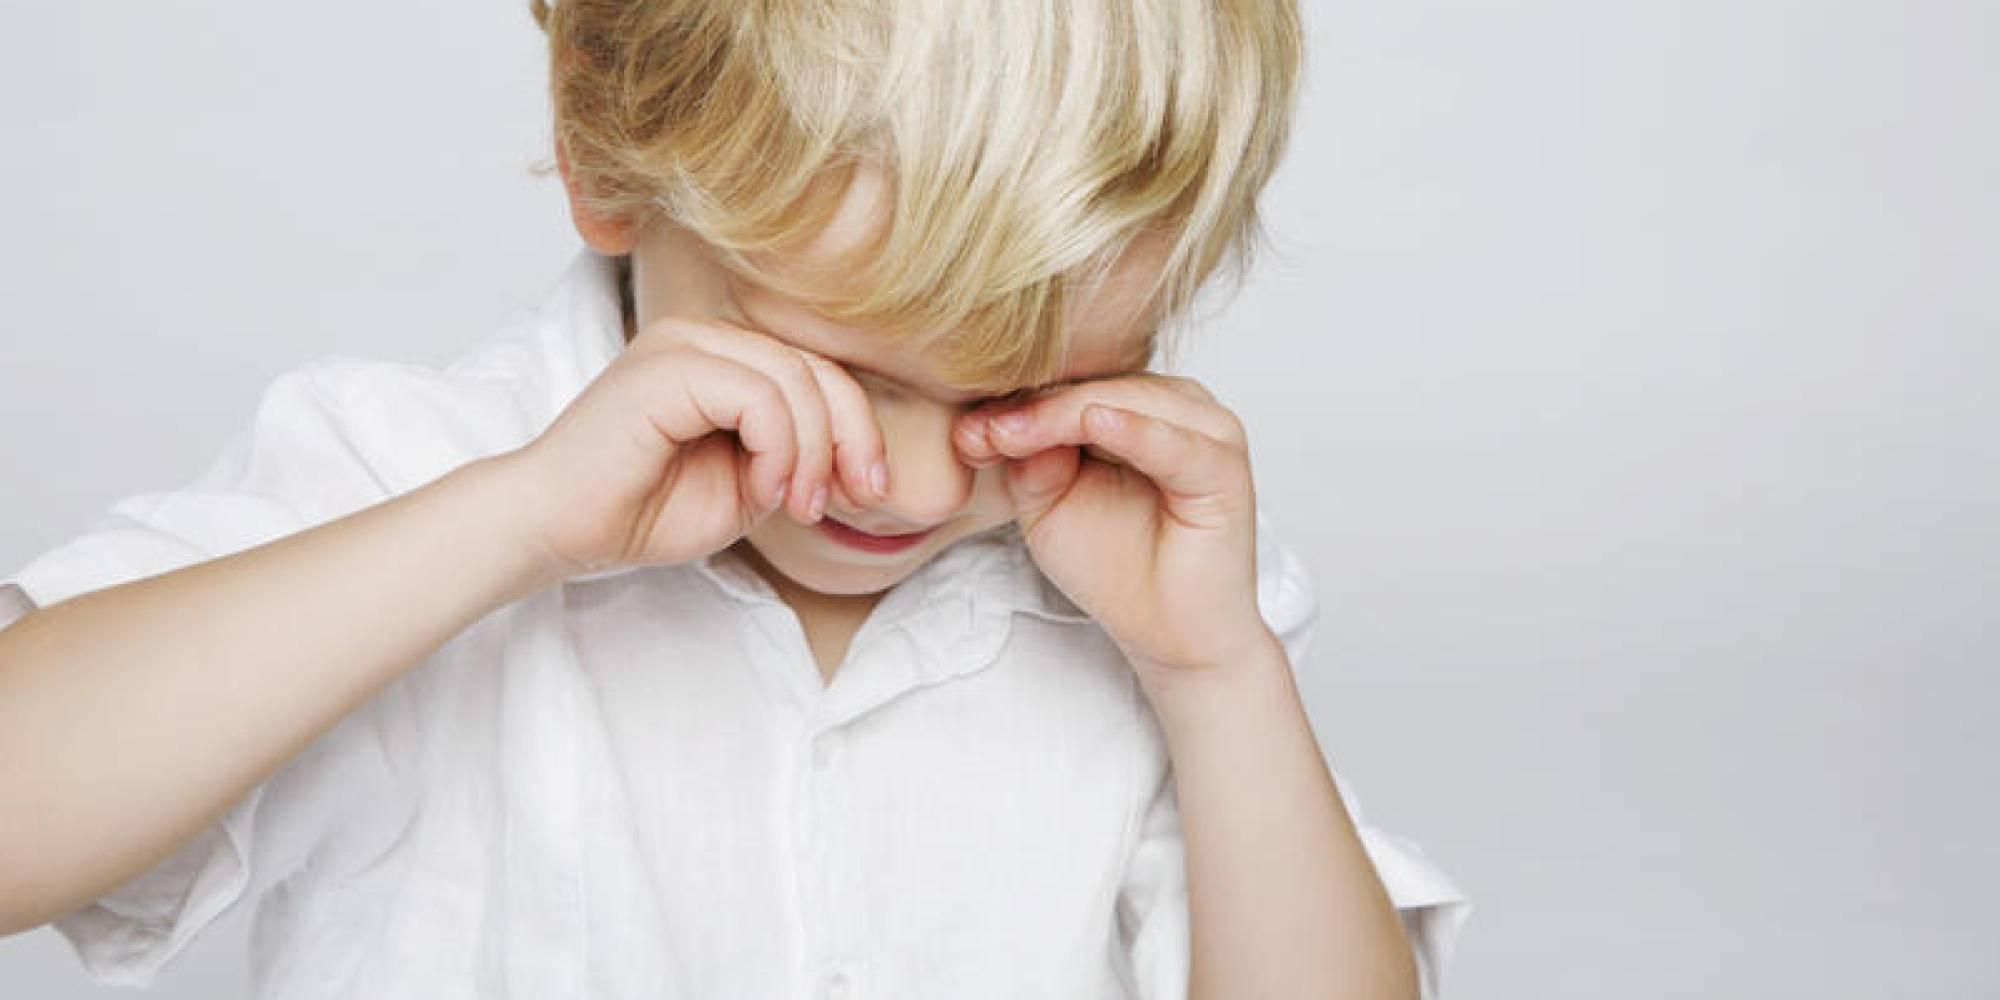 La maestra che sculaccia un bambino commette un reato secondo i giudici